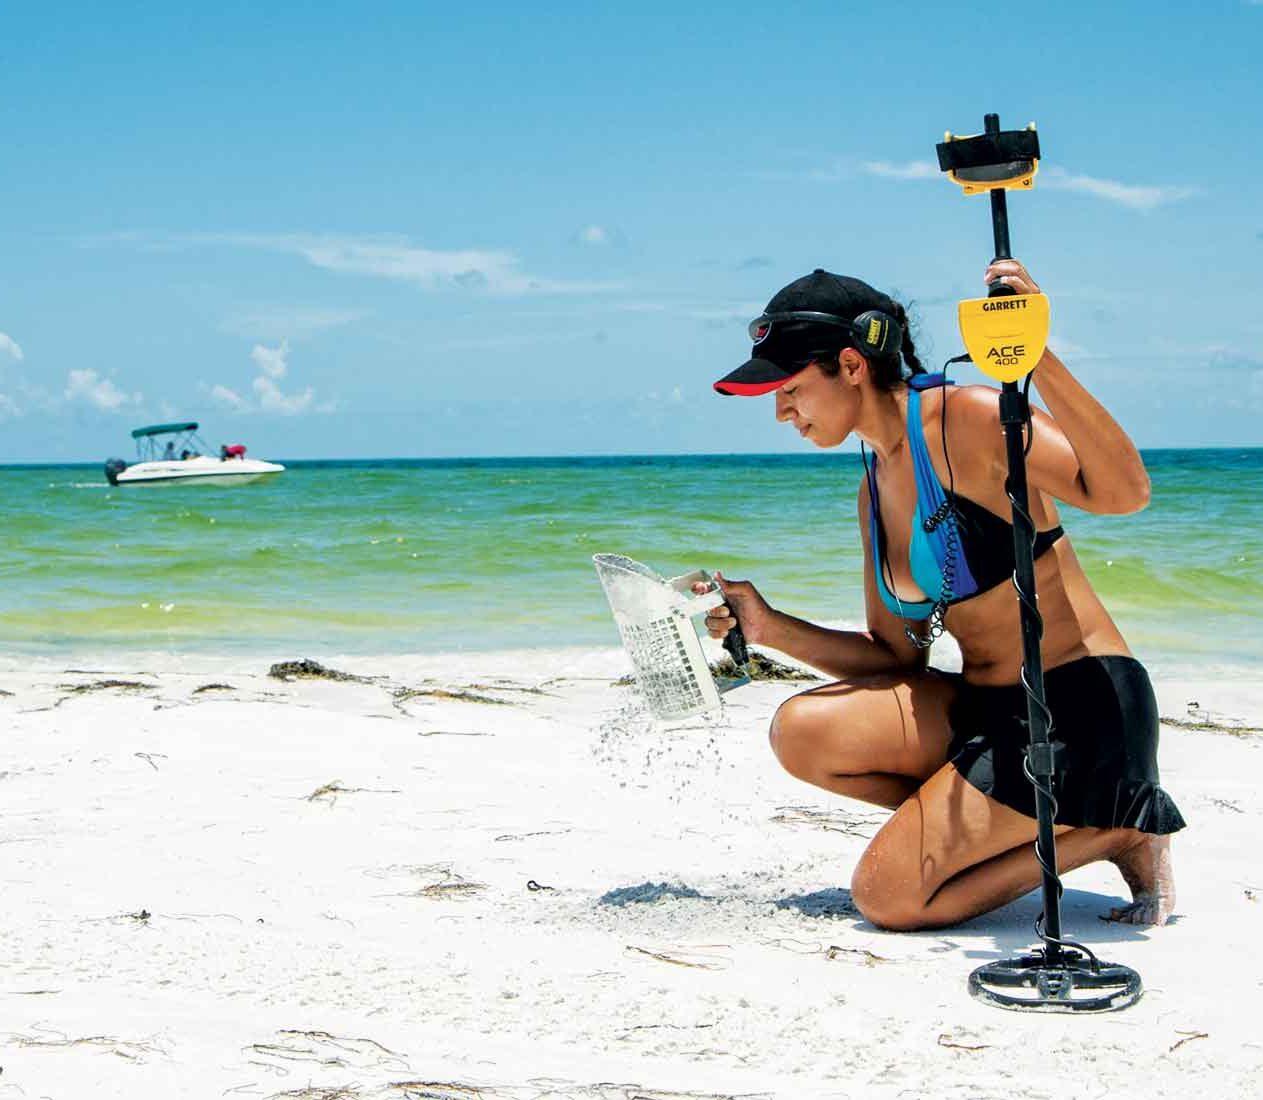 Metal Detector Garrett Ace 400i per spiagge